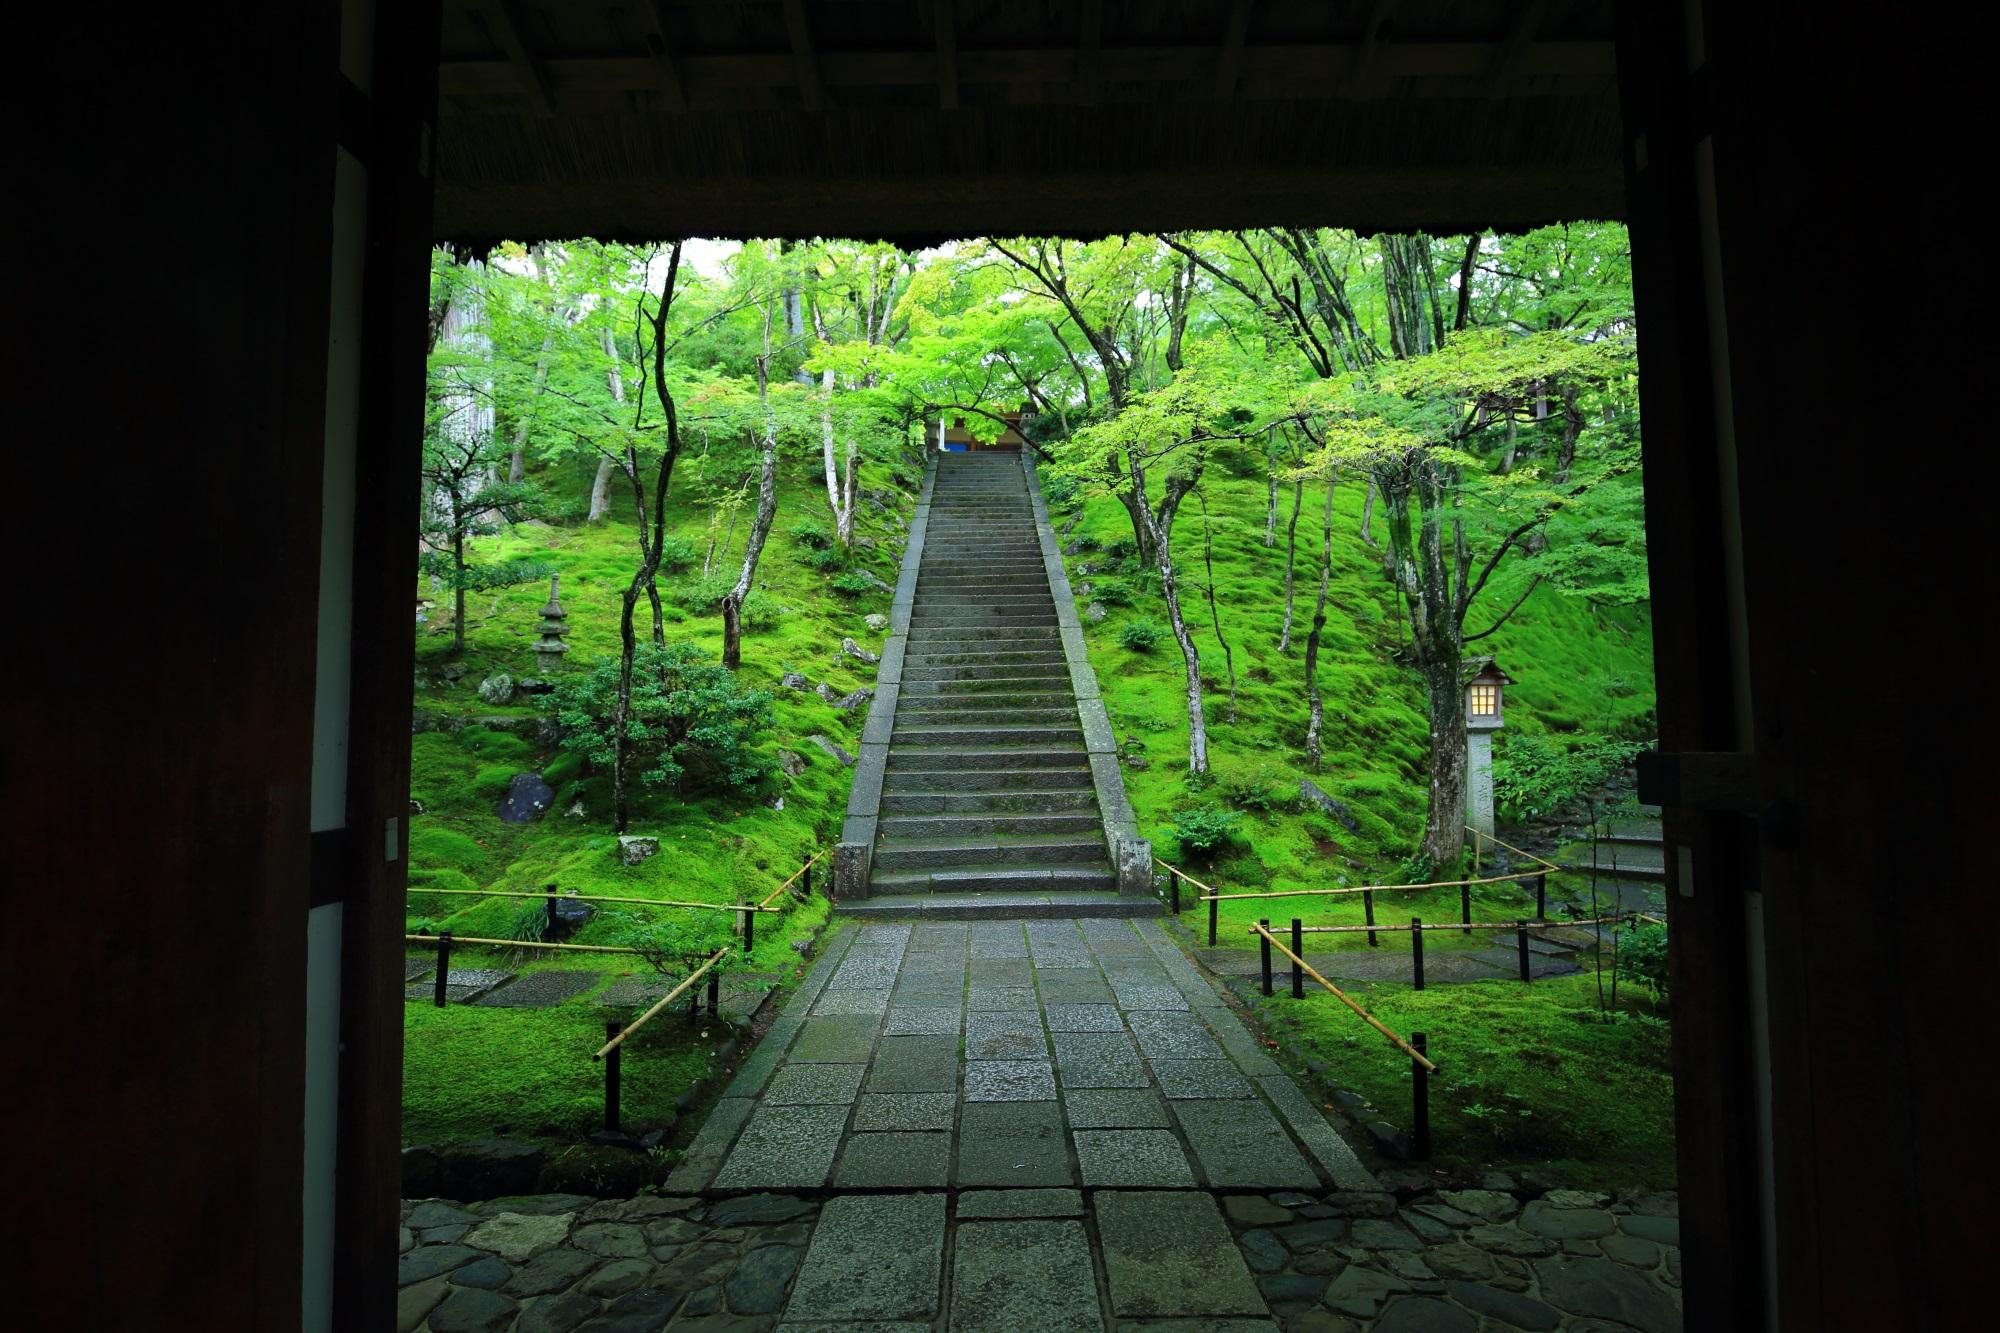 常寂光寺の仁王門から眺めた本堂前石段と苔と青もみじ